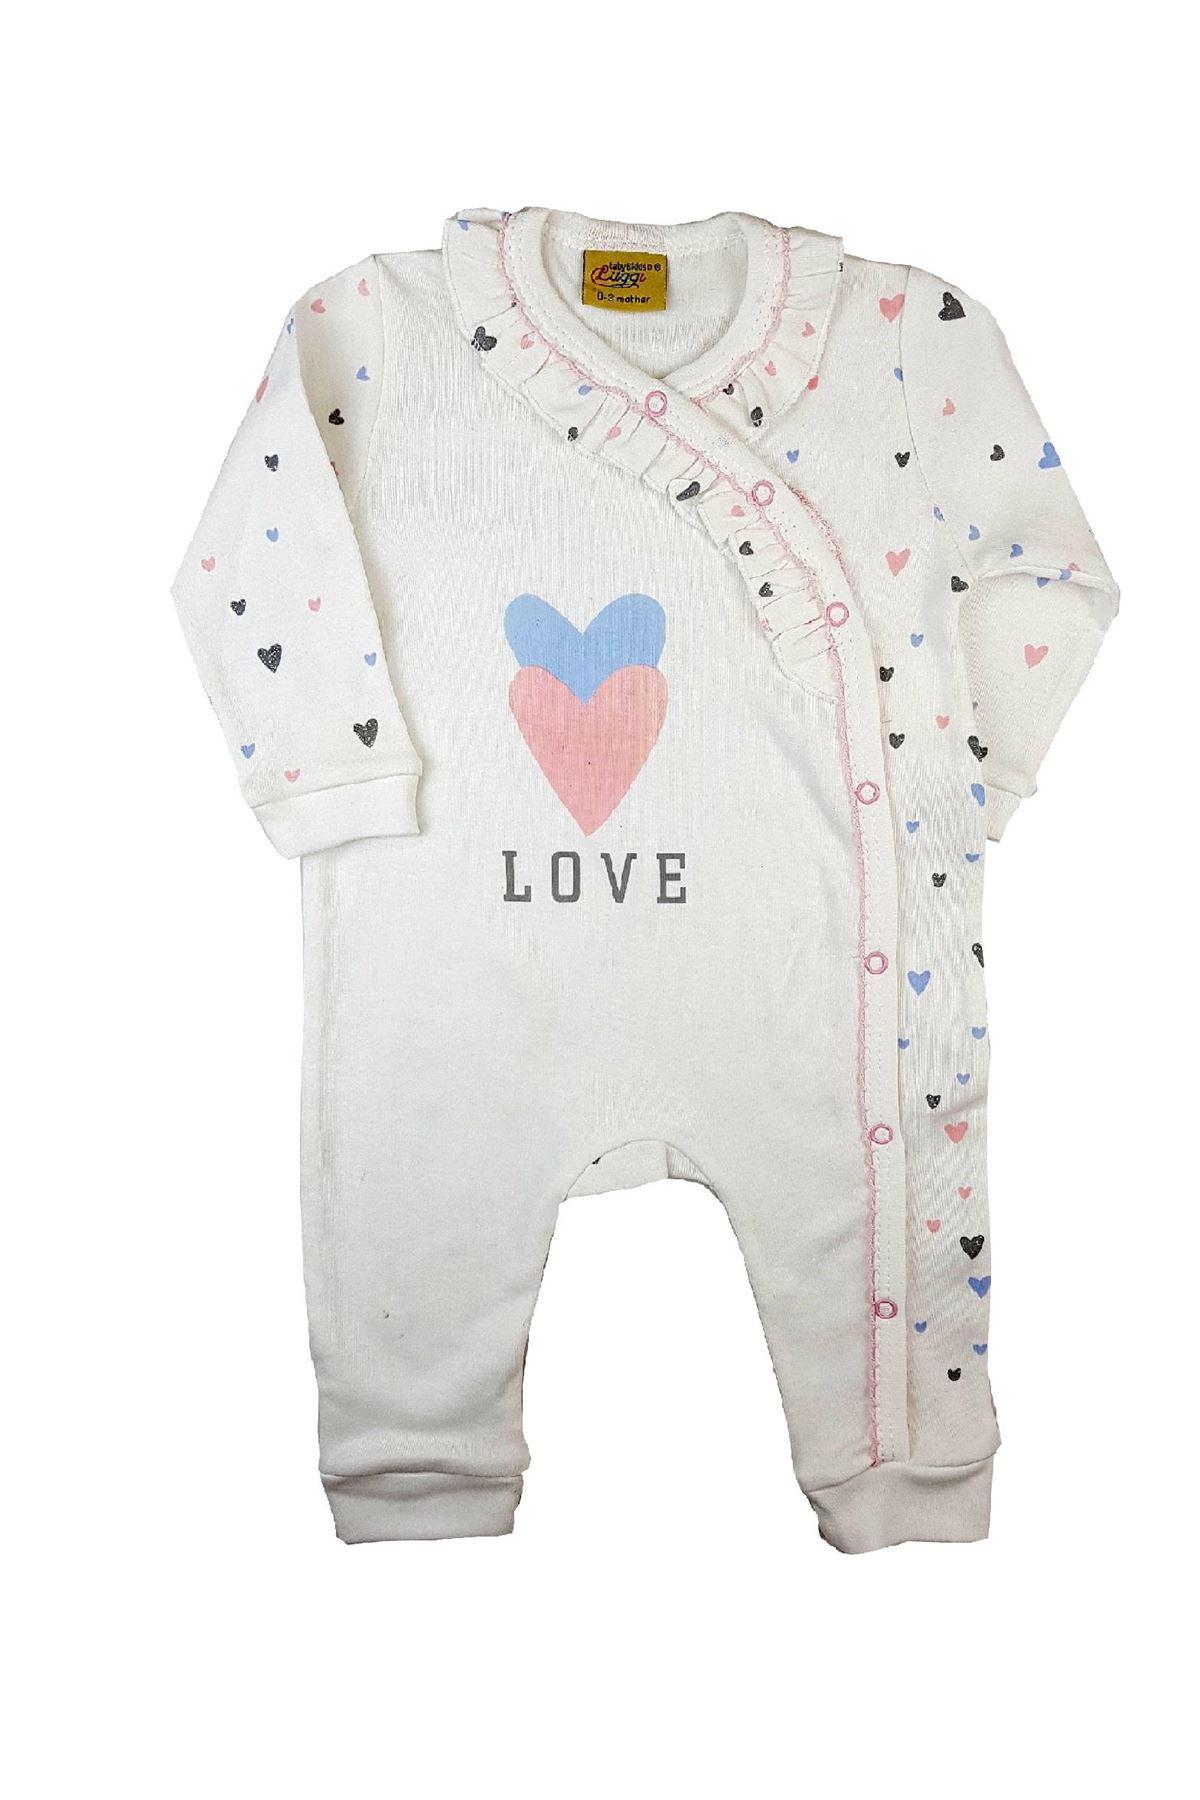 Luggi Baby Organic Love Kruvaze Tulum 6444 Orjinal